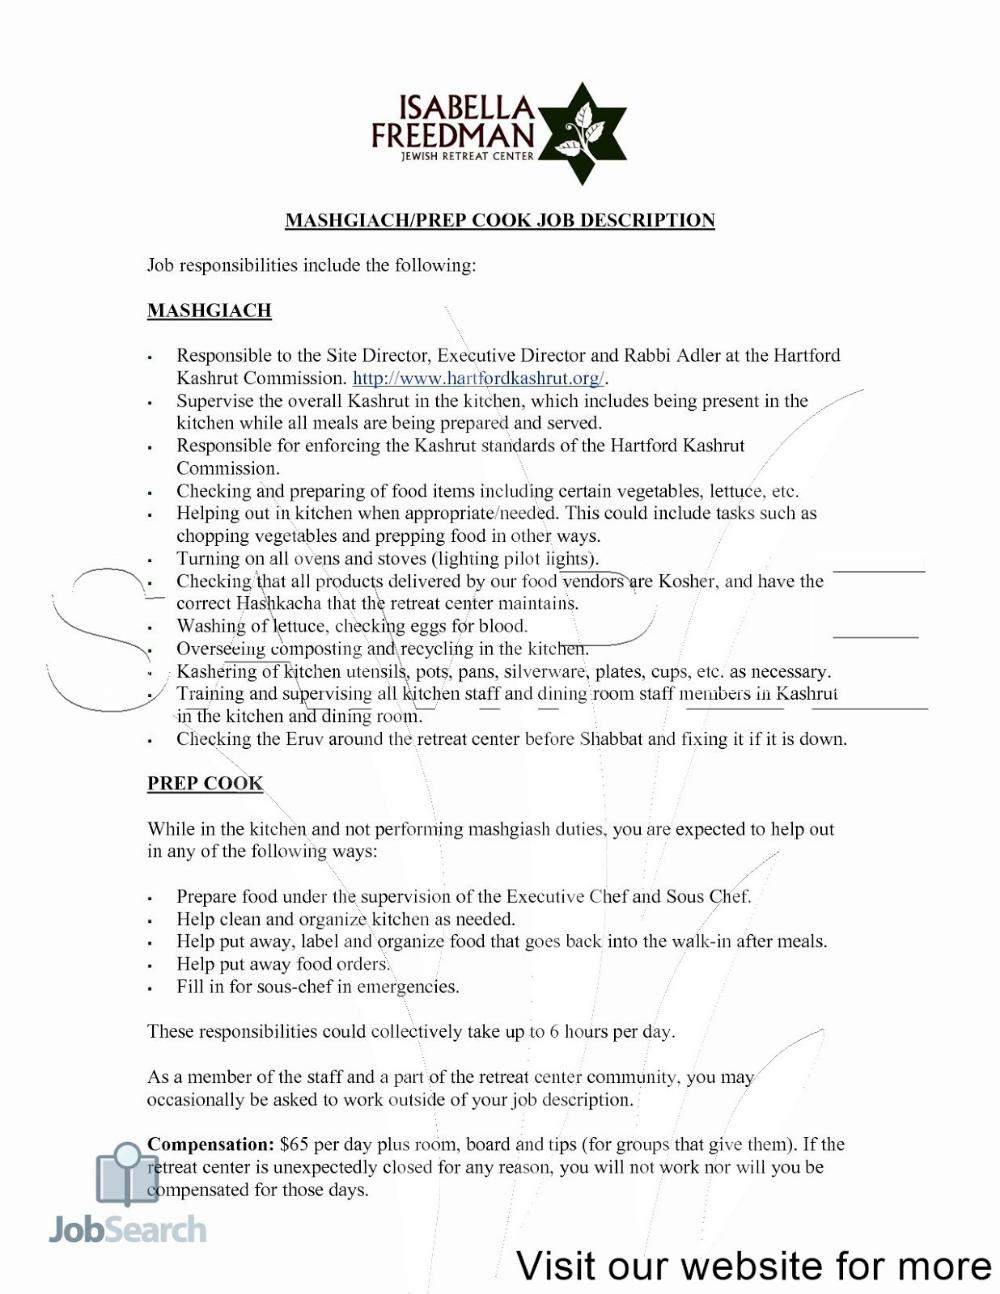 immigration paralegal job description, immigrationlaw